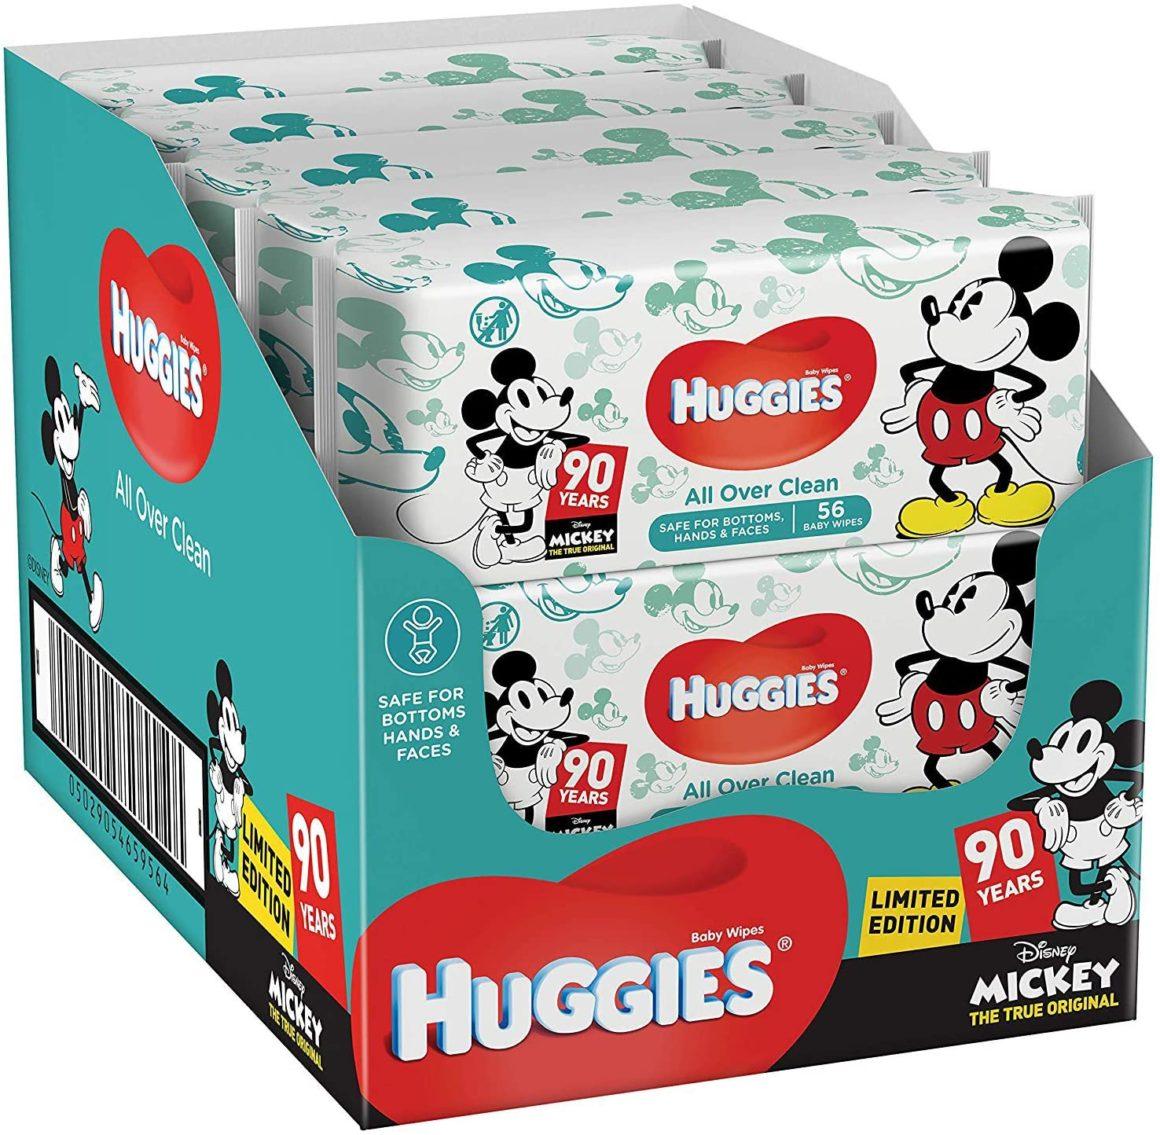 Lingette bébé Huggies Disney